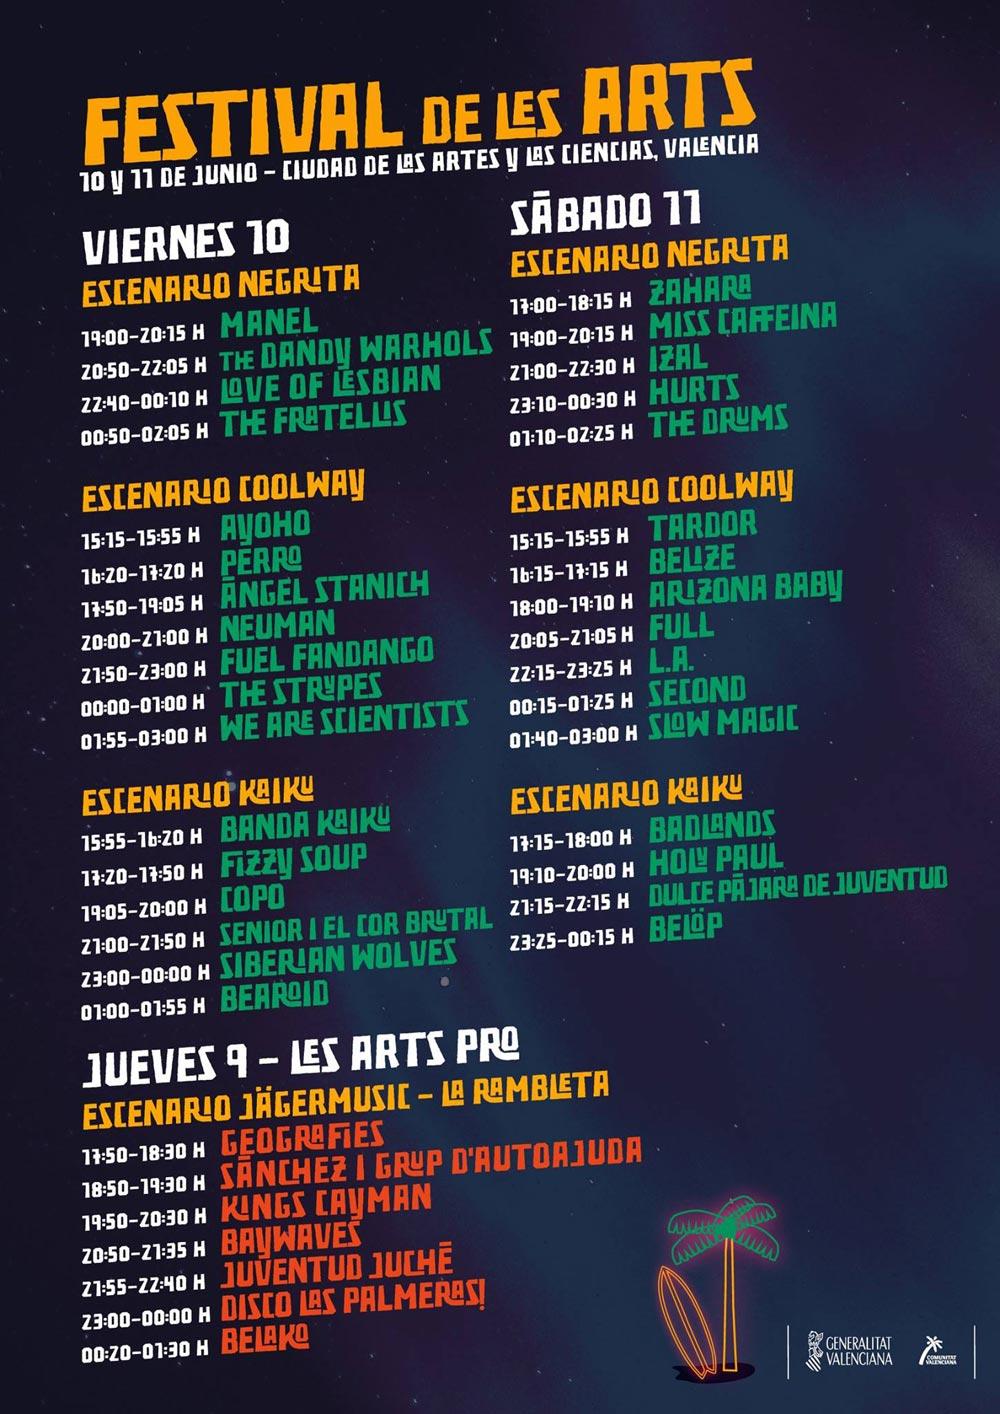 Cartel con horarios del Festival de les Arts 2016